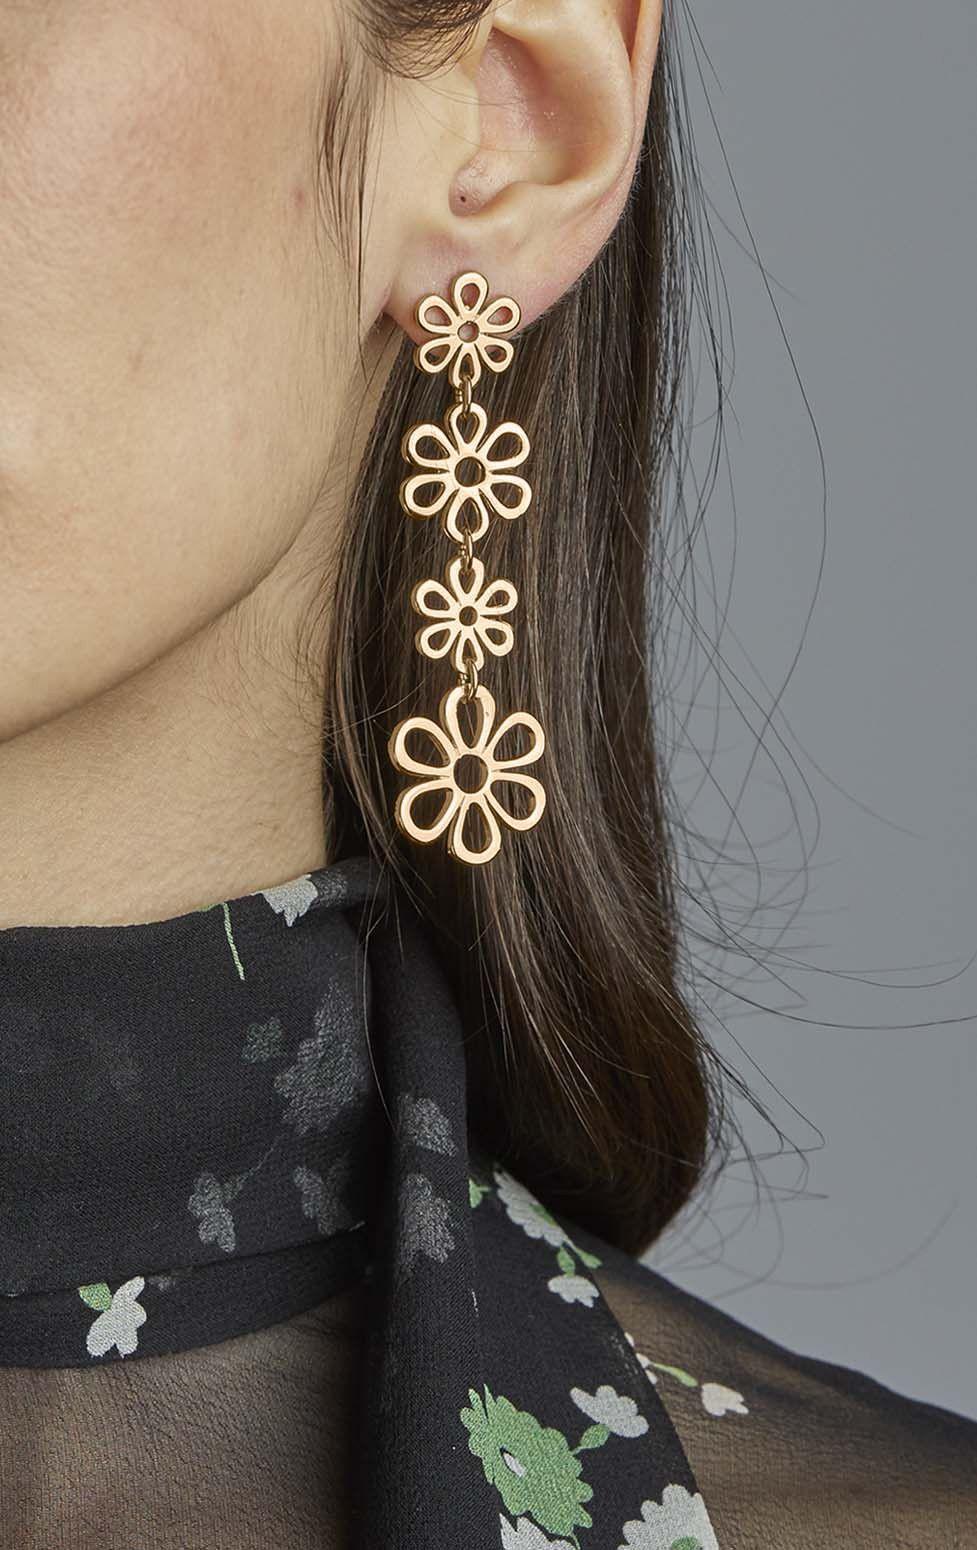 Four Tier Flower Earrings